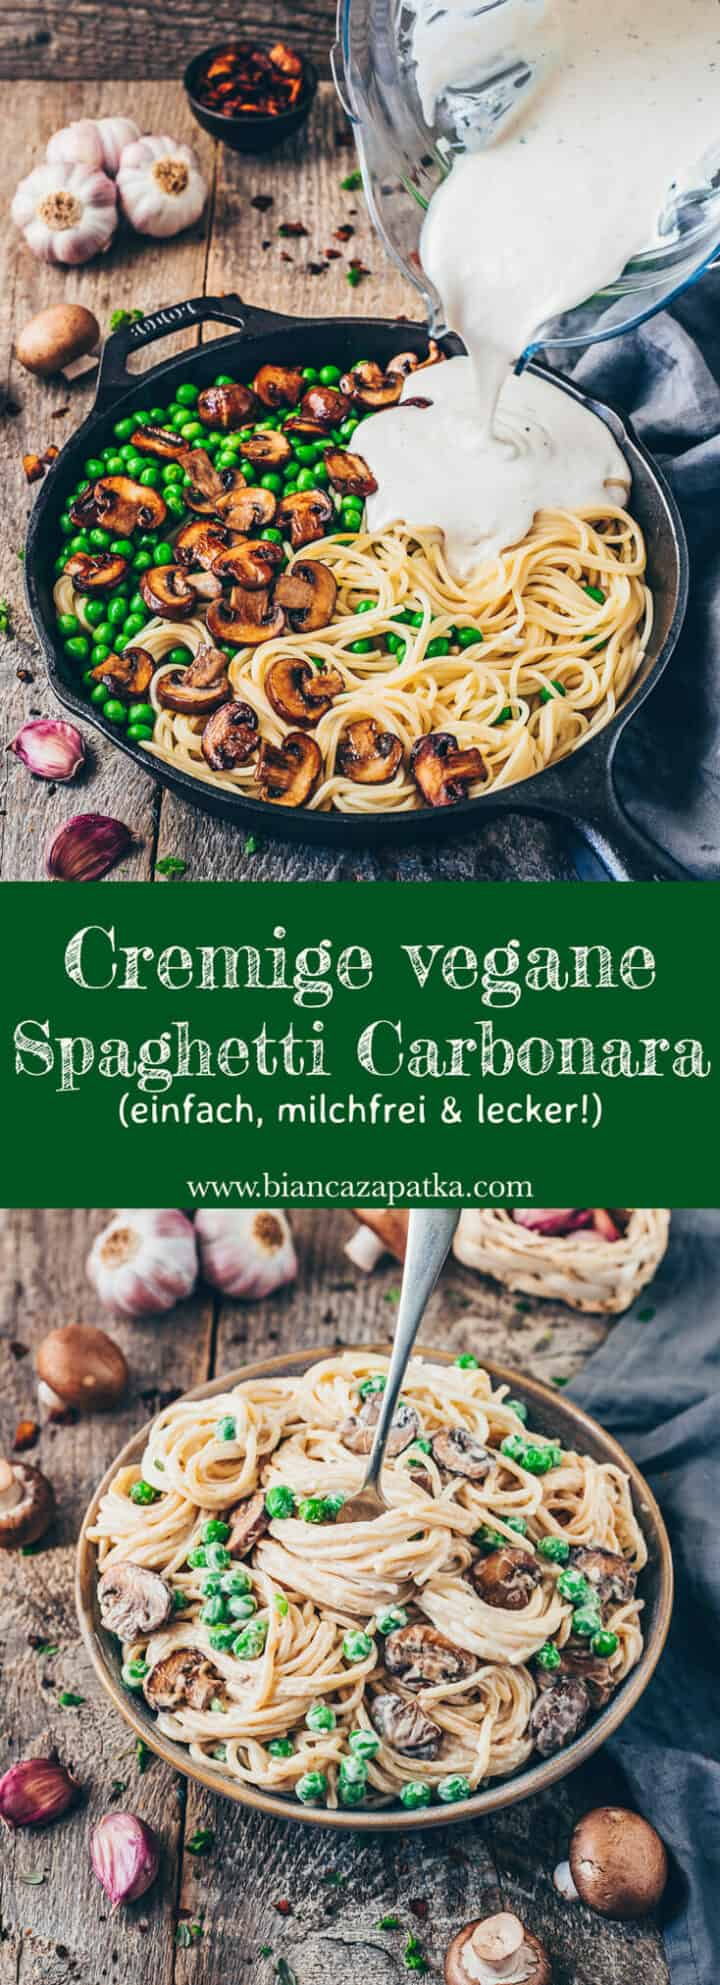 Rezept für cremige Vegane Carbonara Pasta-Sauce mit Spaghetti und Kokos-Bacon. Einfach, gesund, milchfrei, schnell, nur 20 Minuten!